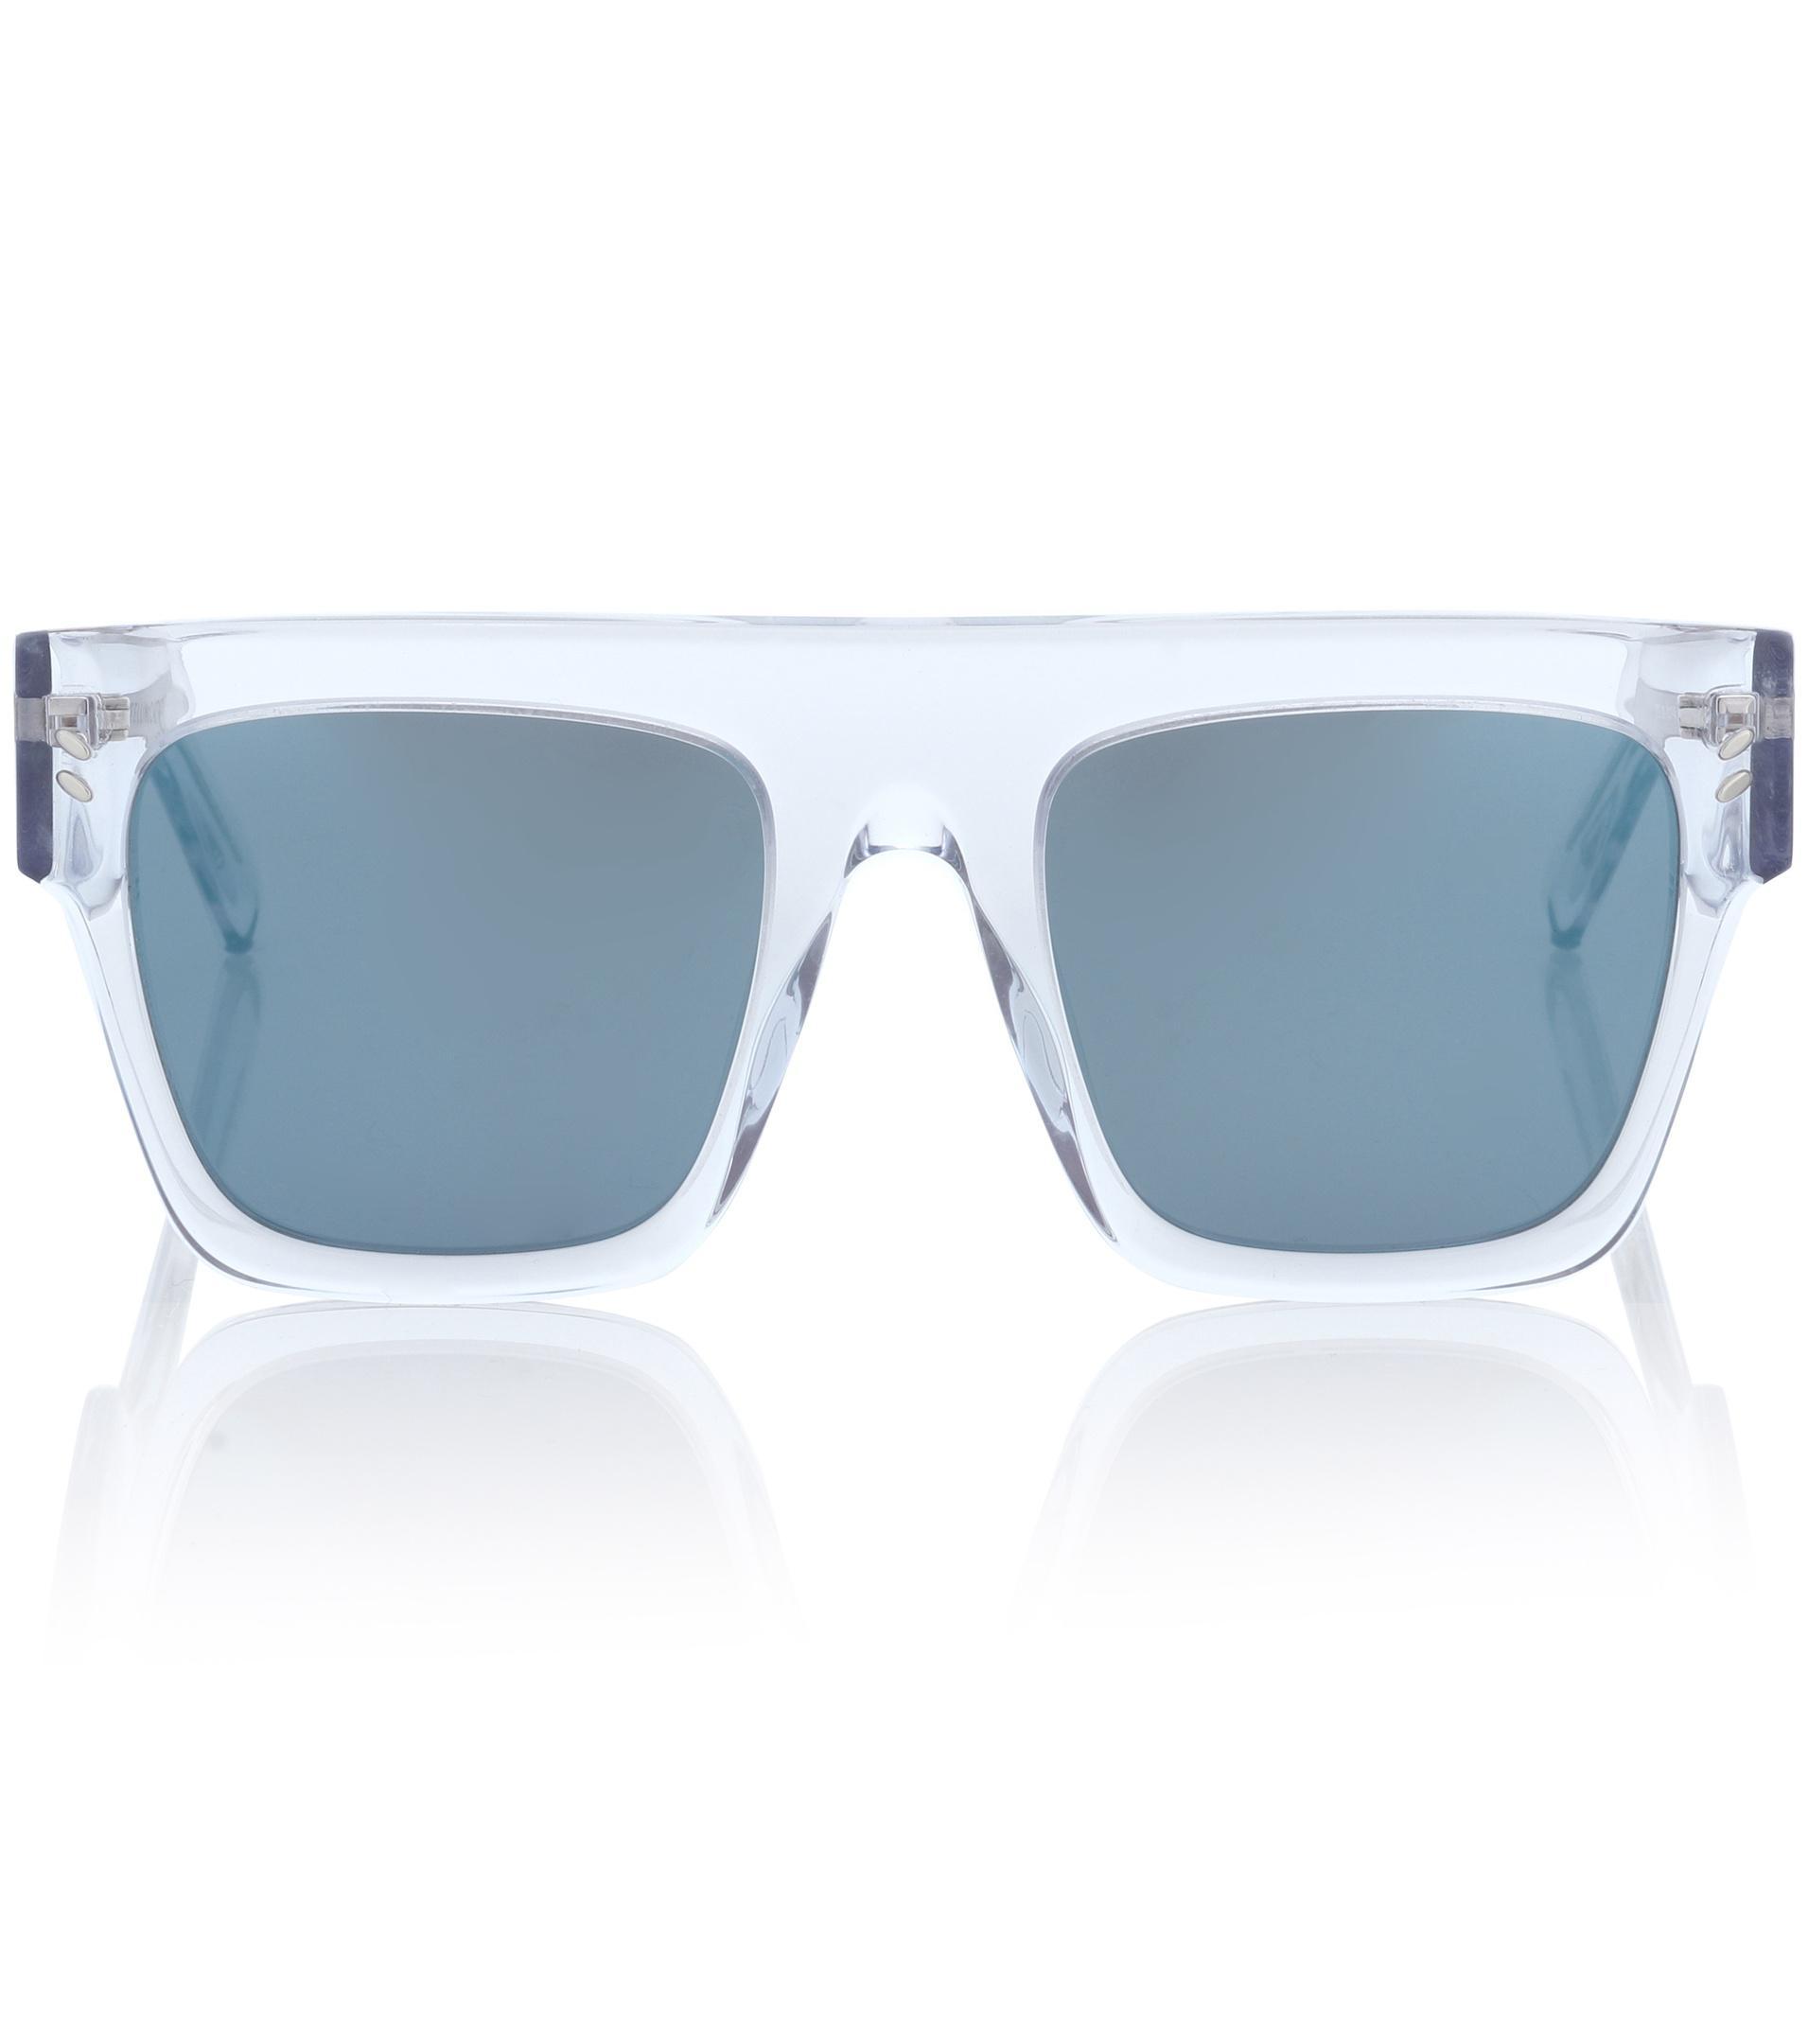 228c86161e Lyst - Lunettes de soleil Icy Ice Stella McCartney en coloris Bleu